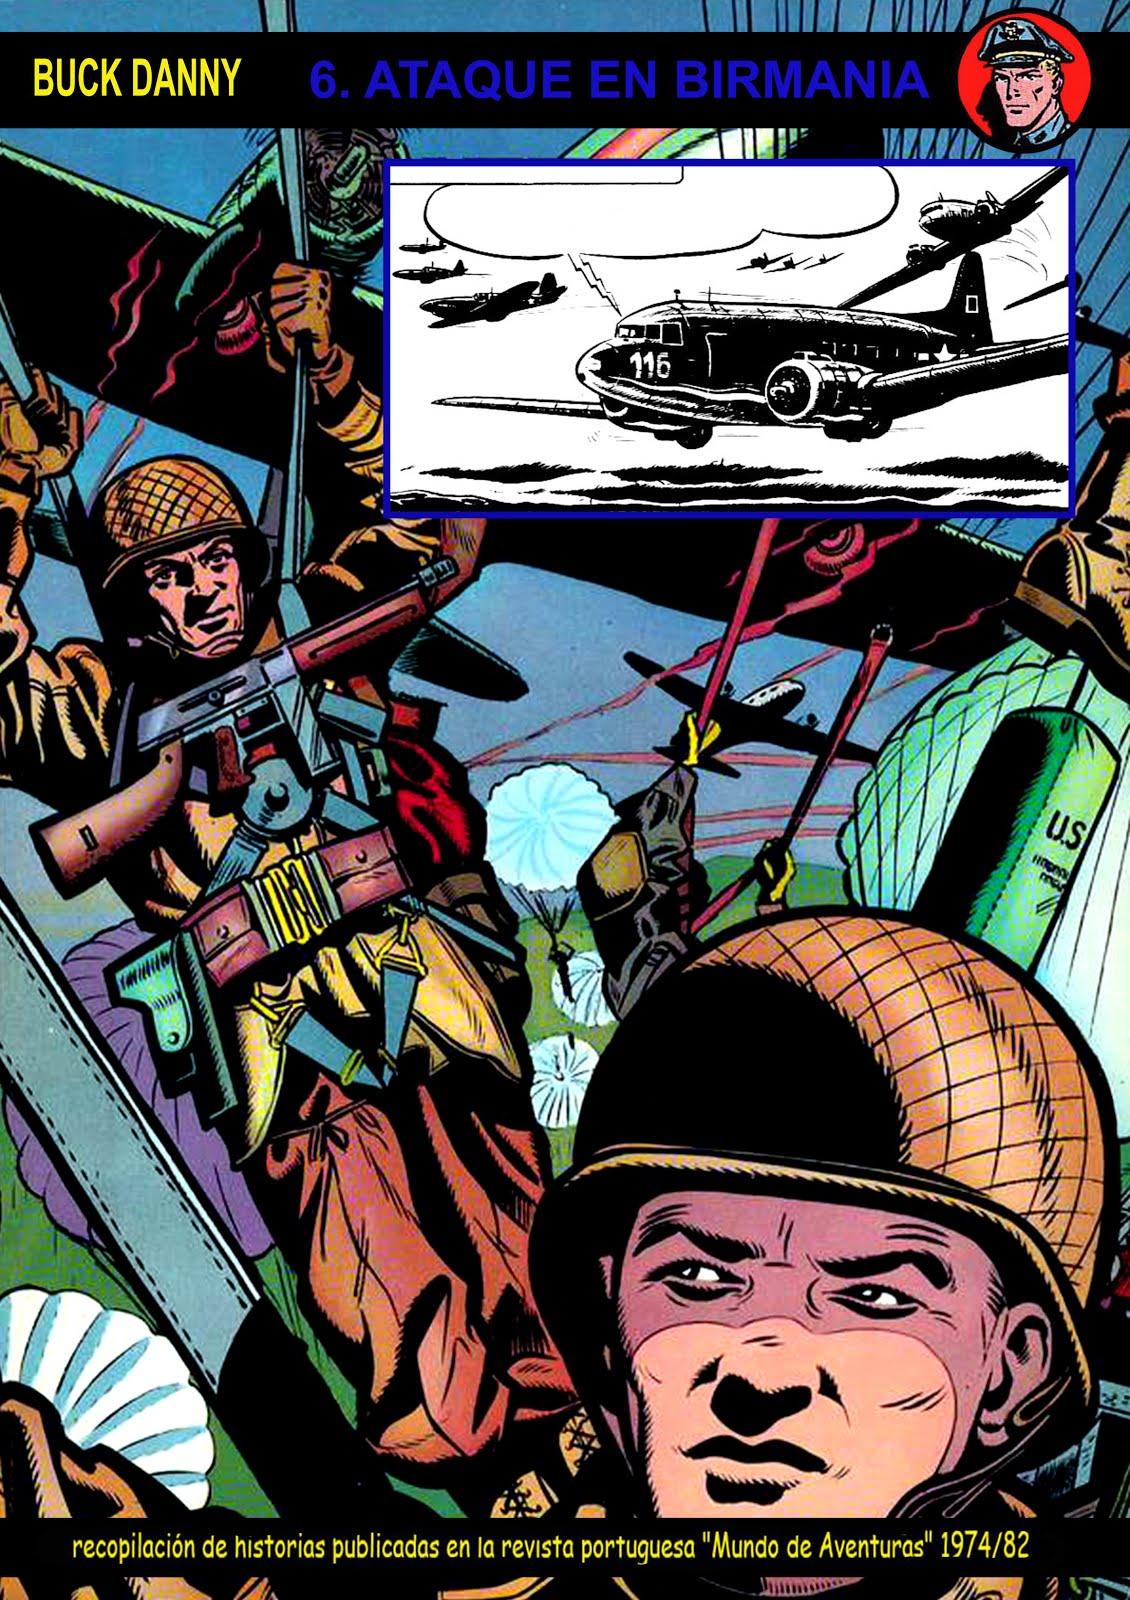 Nº 06 Buck Danny en blanco y negro - Mundo de Aventura. En portugués y español. Compilações de ASa